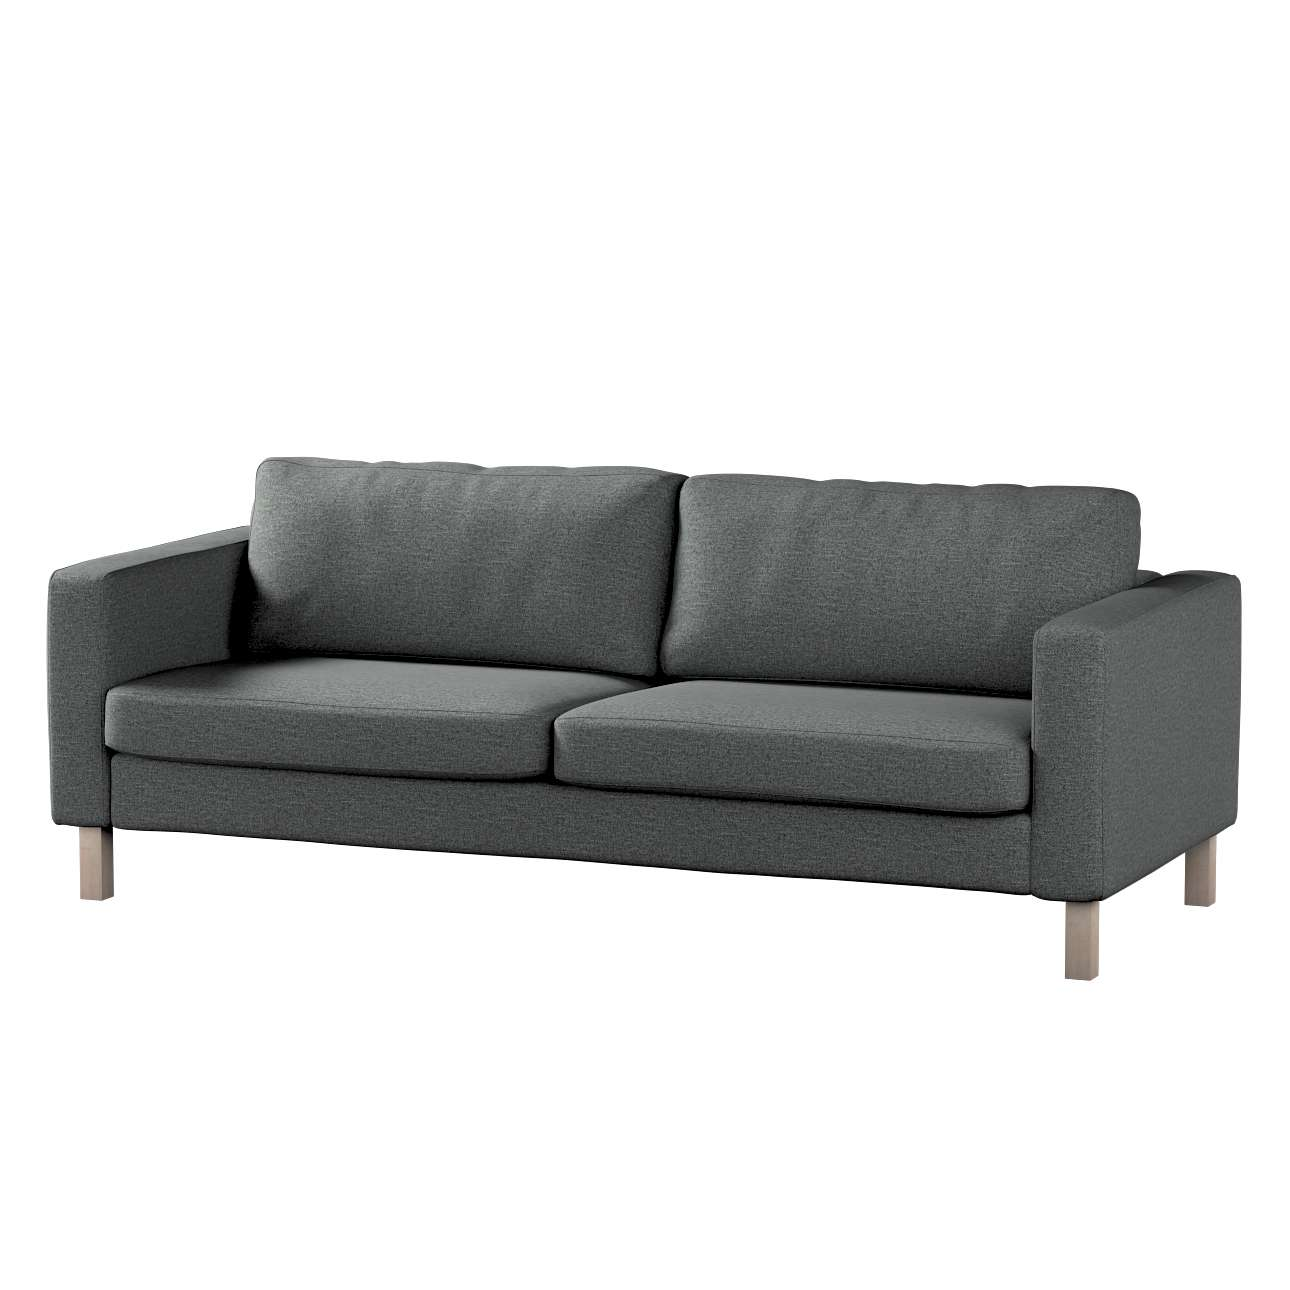 Potah na pohovku IKEA  Karlstad 3-místná, nerozkládací, krátký v kolekci Madrid, látka: 161-24